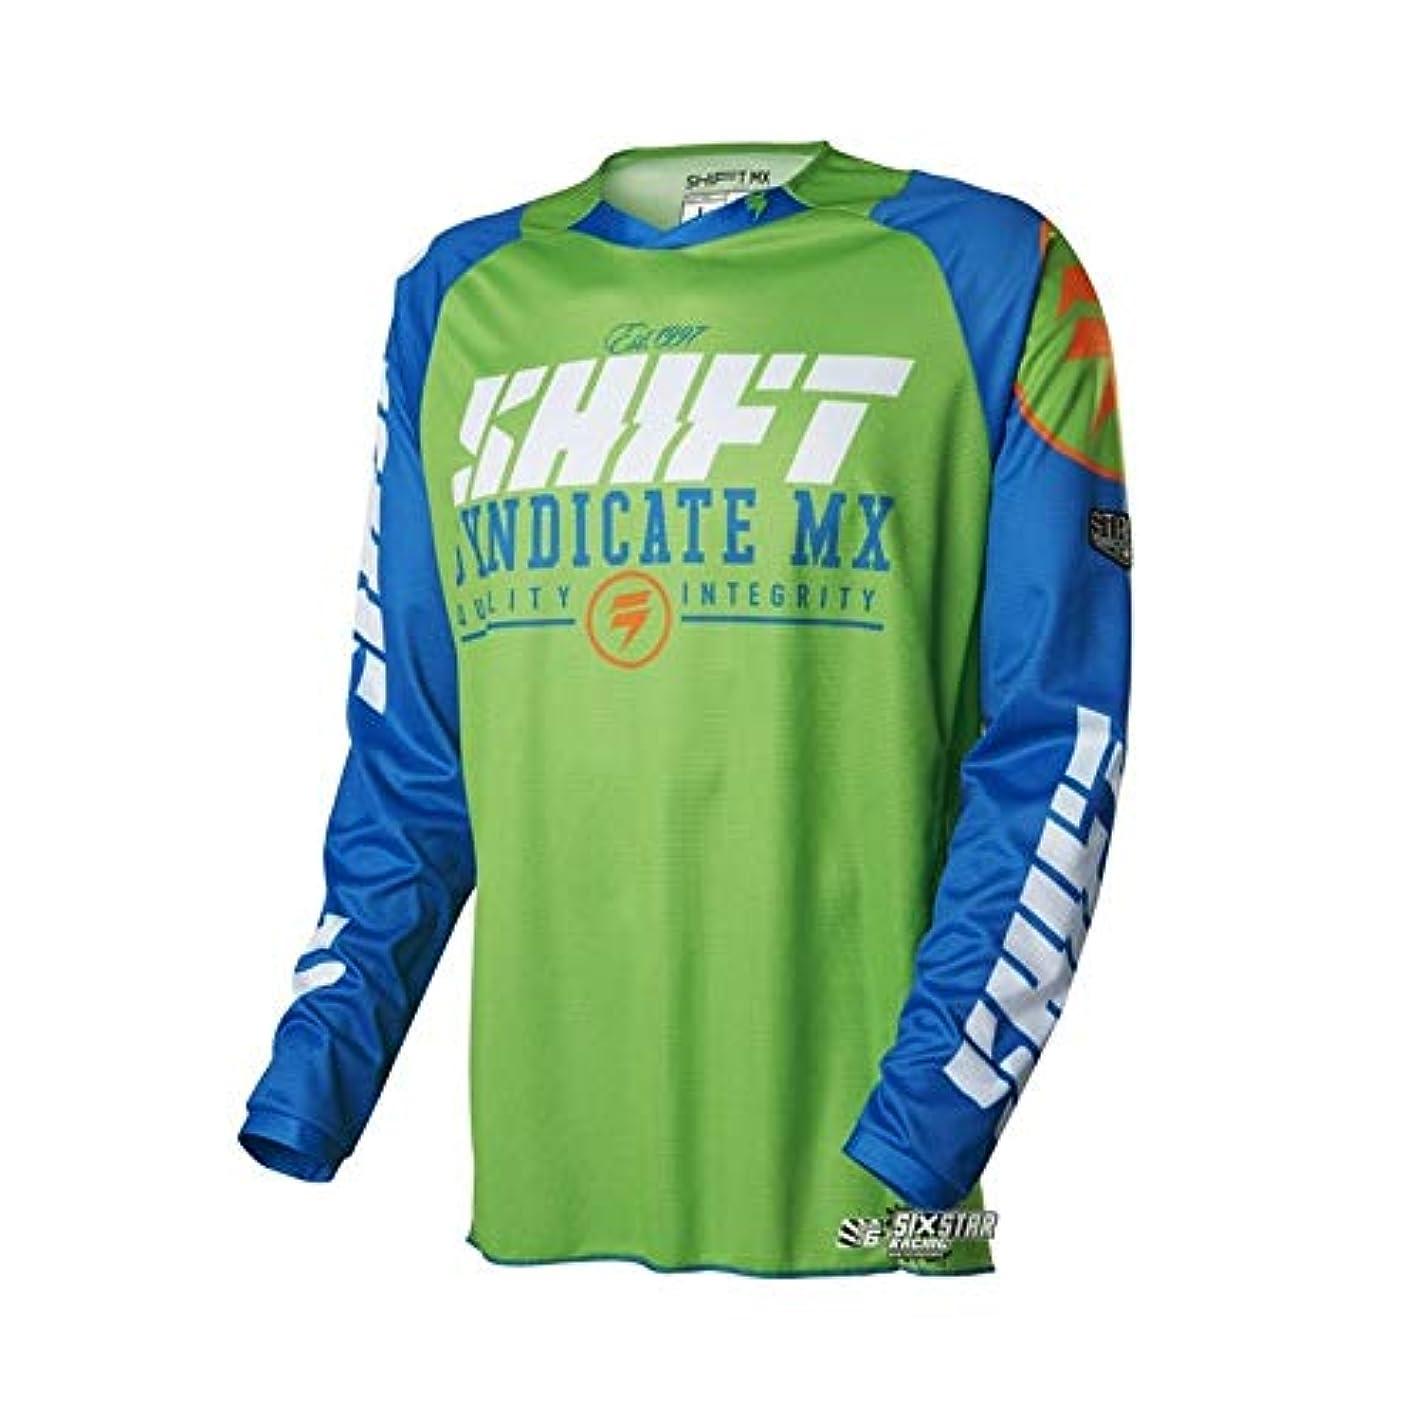 正確な移植成果CXUNKK オートバイのオフロード服に乗って夏のアウトドアライディングスピードの服長袖シャツメンズマウンテンバイク (Color : 17, Size : XS)